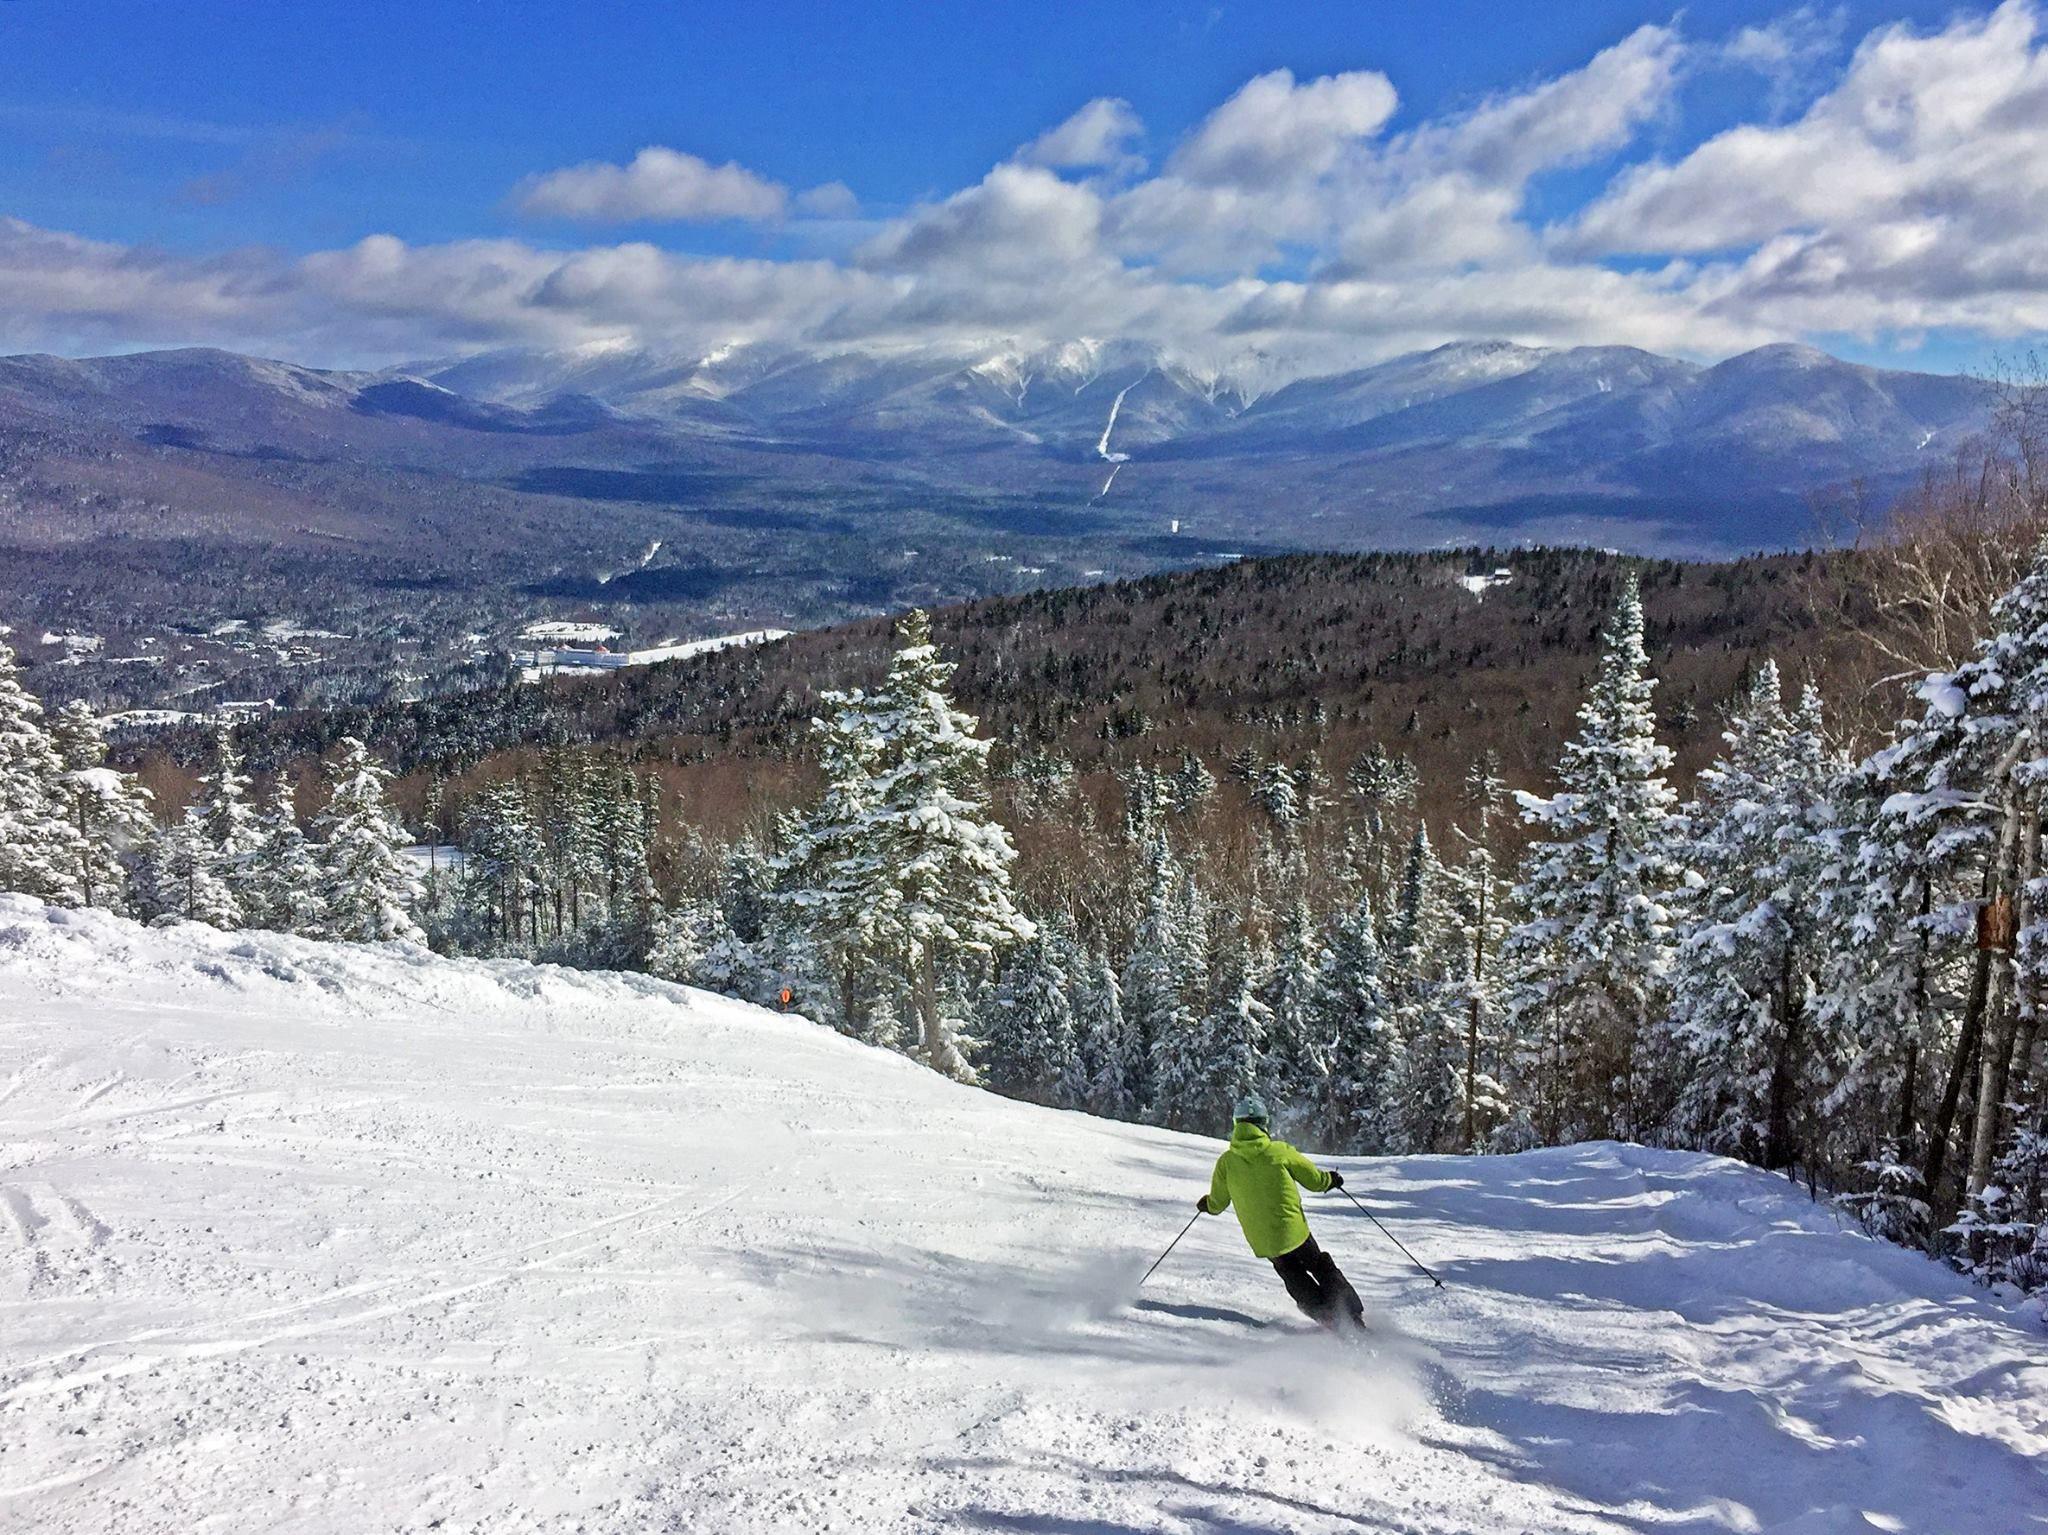 ski resort guide: bretton woods mountain resort